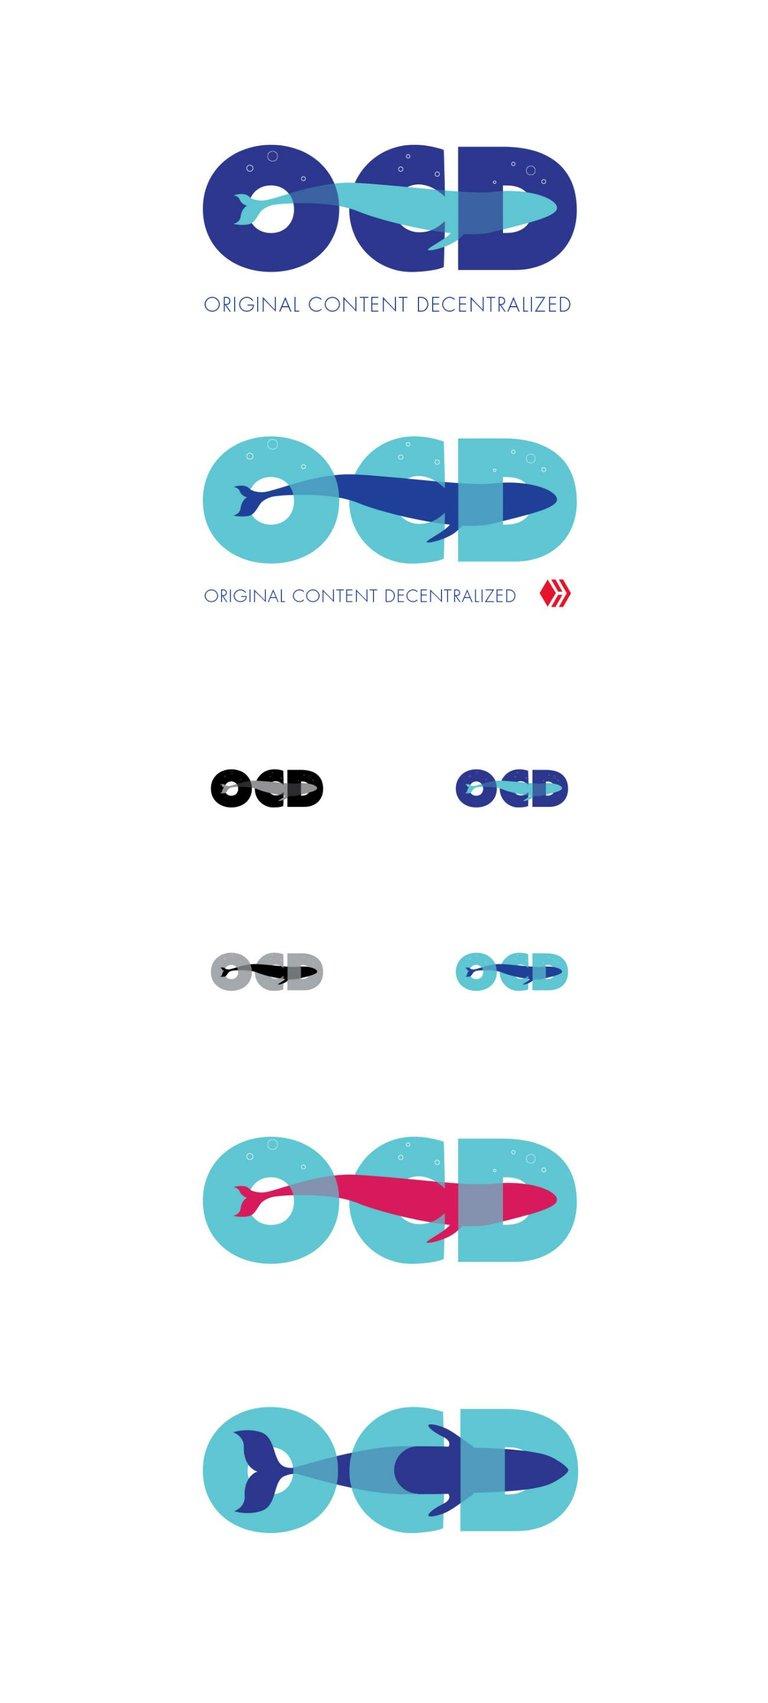 ocd logos third batch.jpg